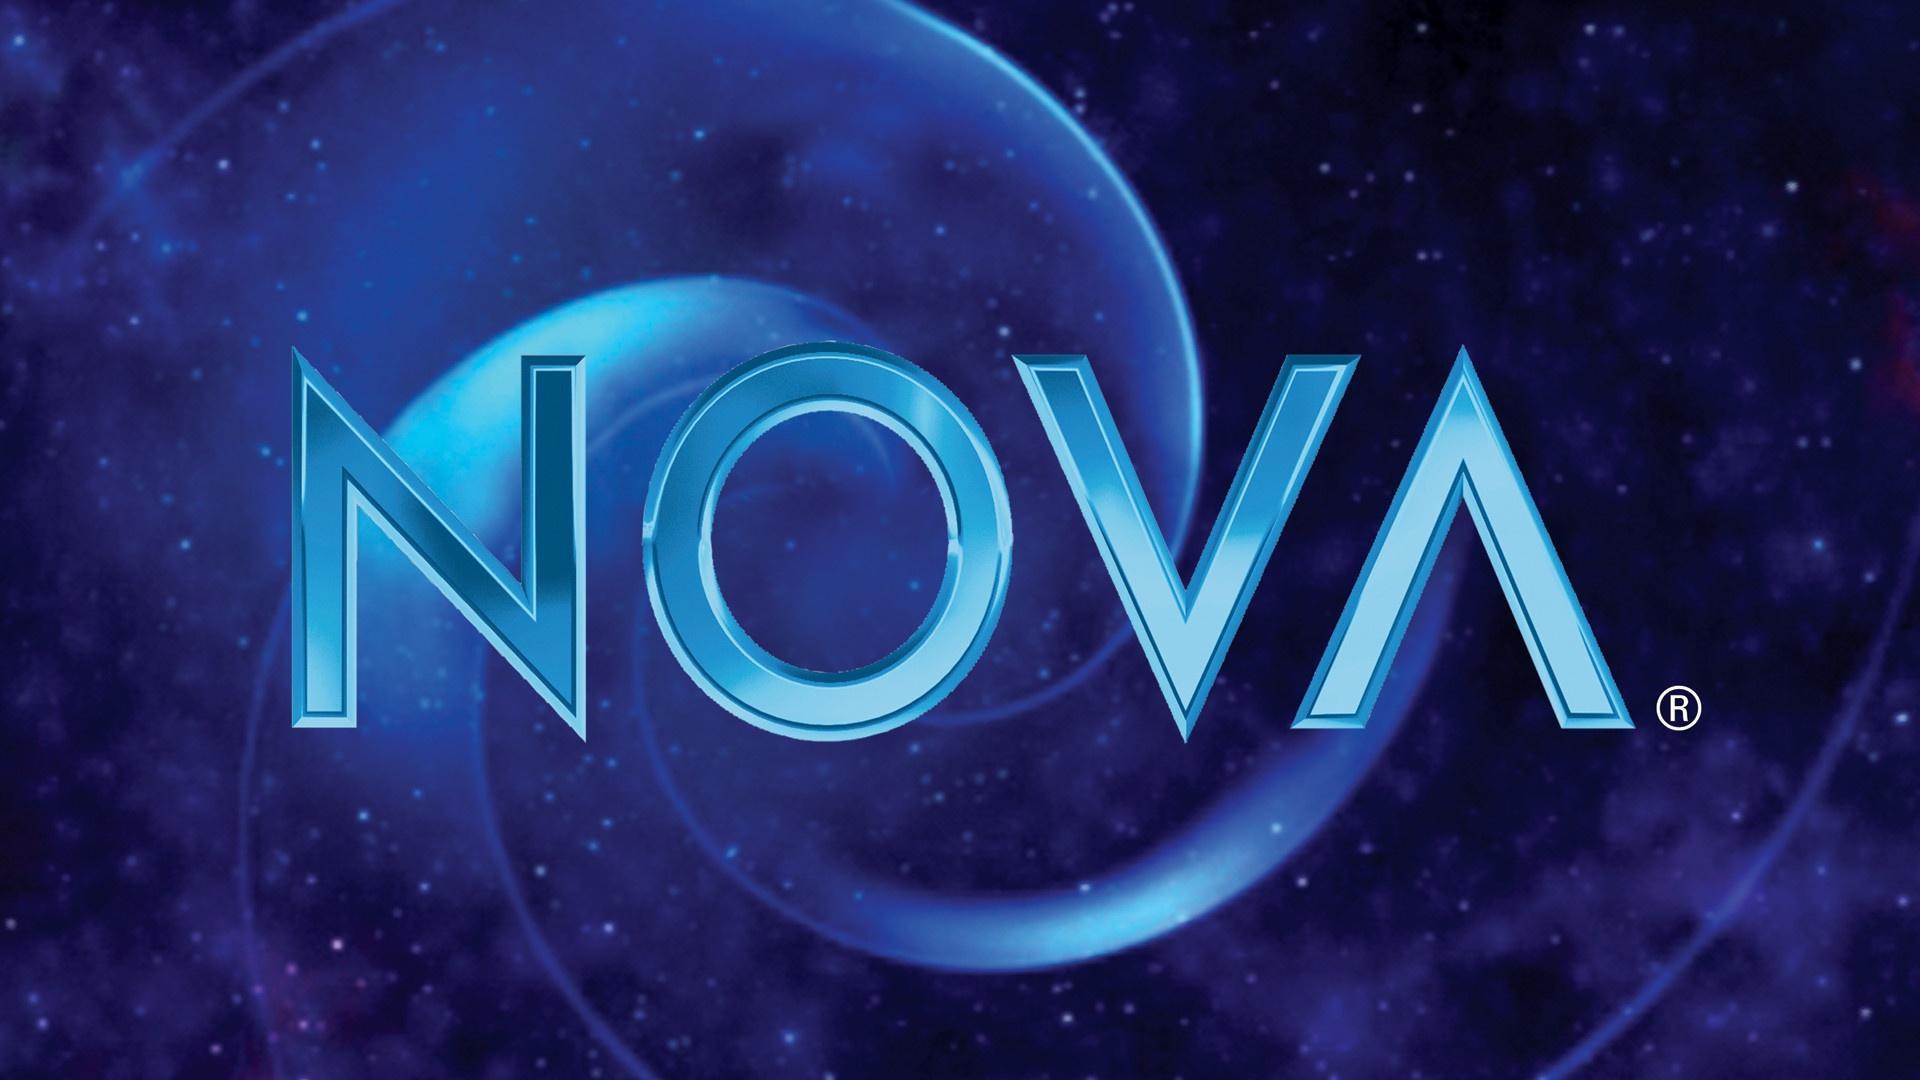 Watch NOVA